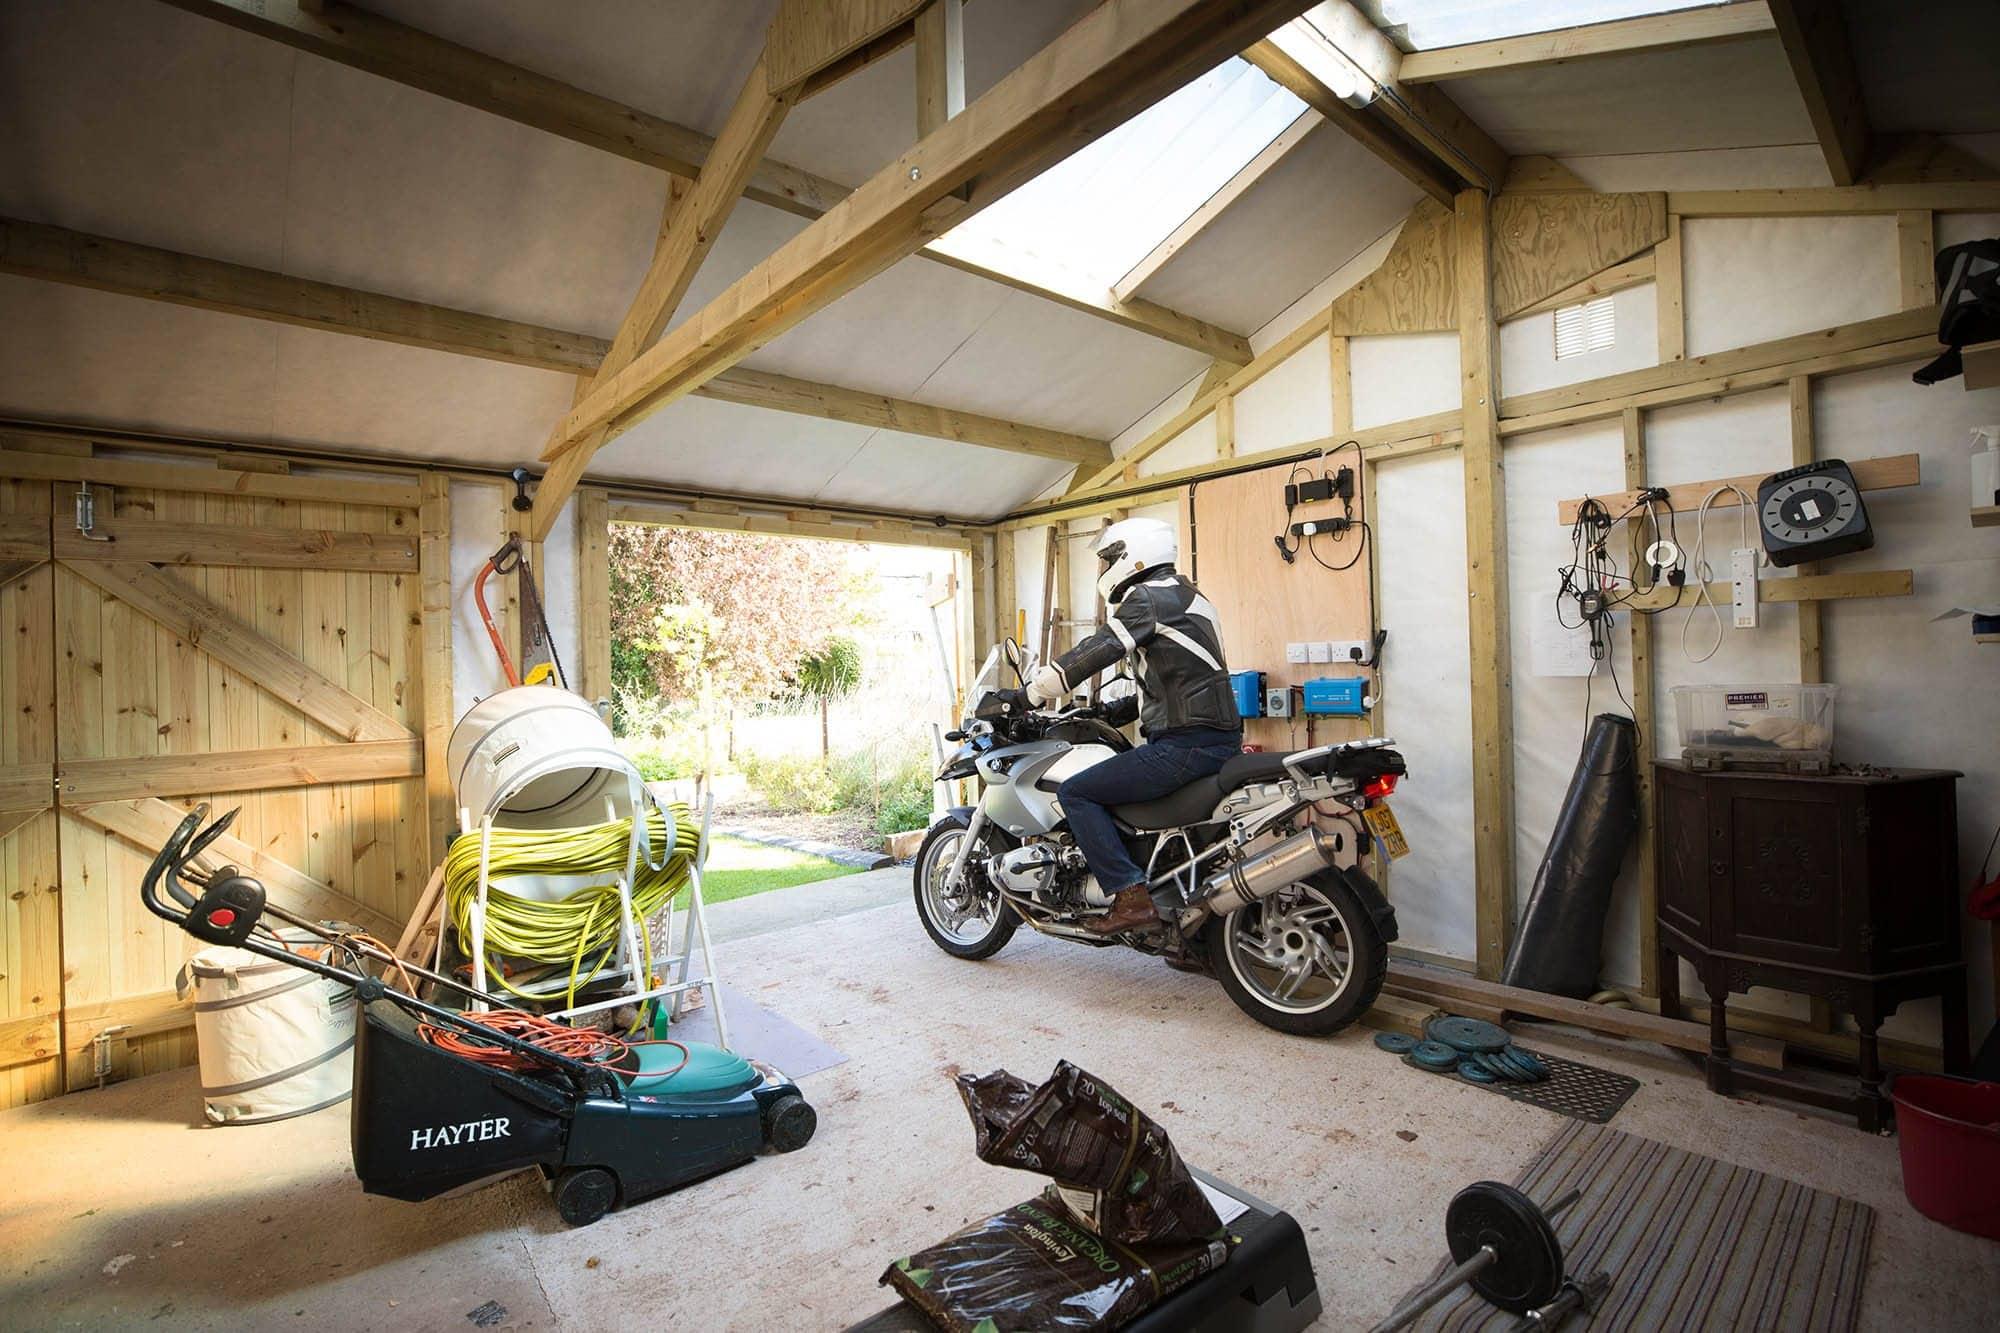 Interior of wooden garage with barn doors.